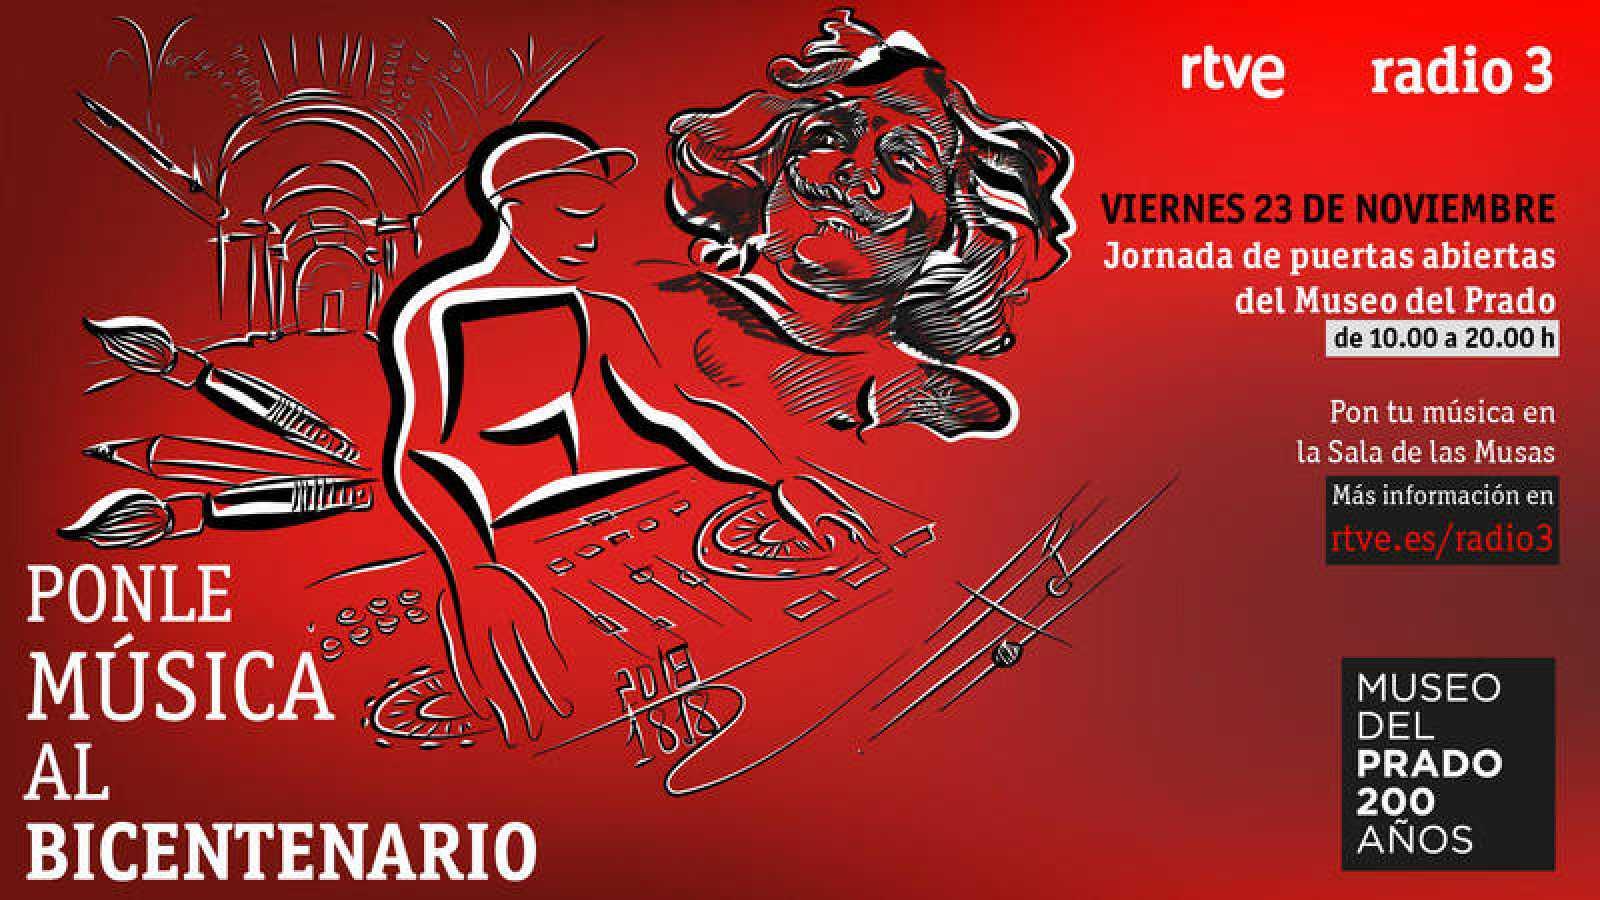 El viernes 23 tú puedes ser un Dj en el Museo del Prado